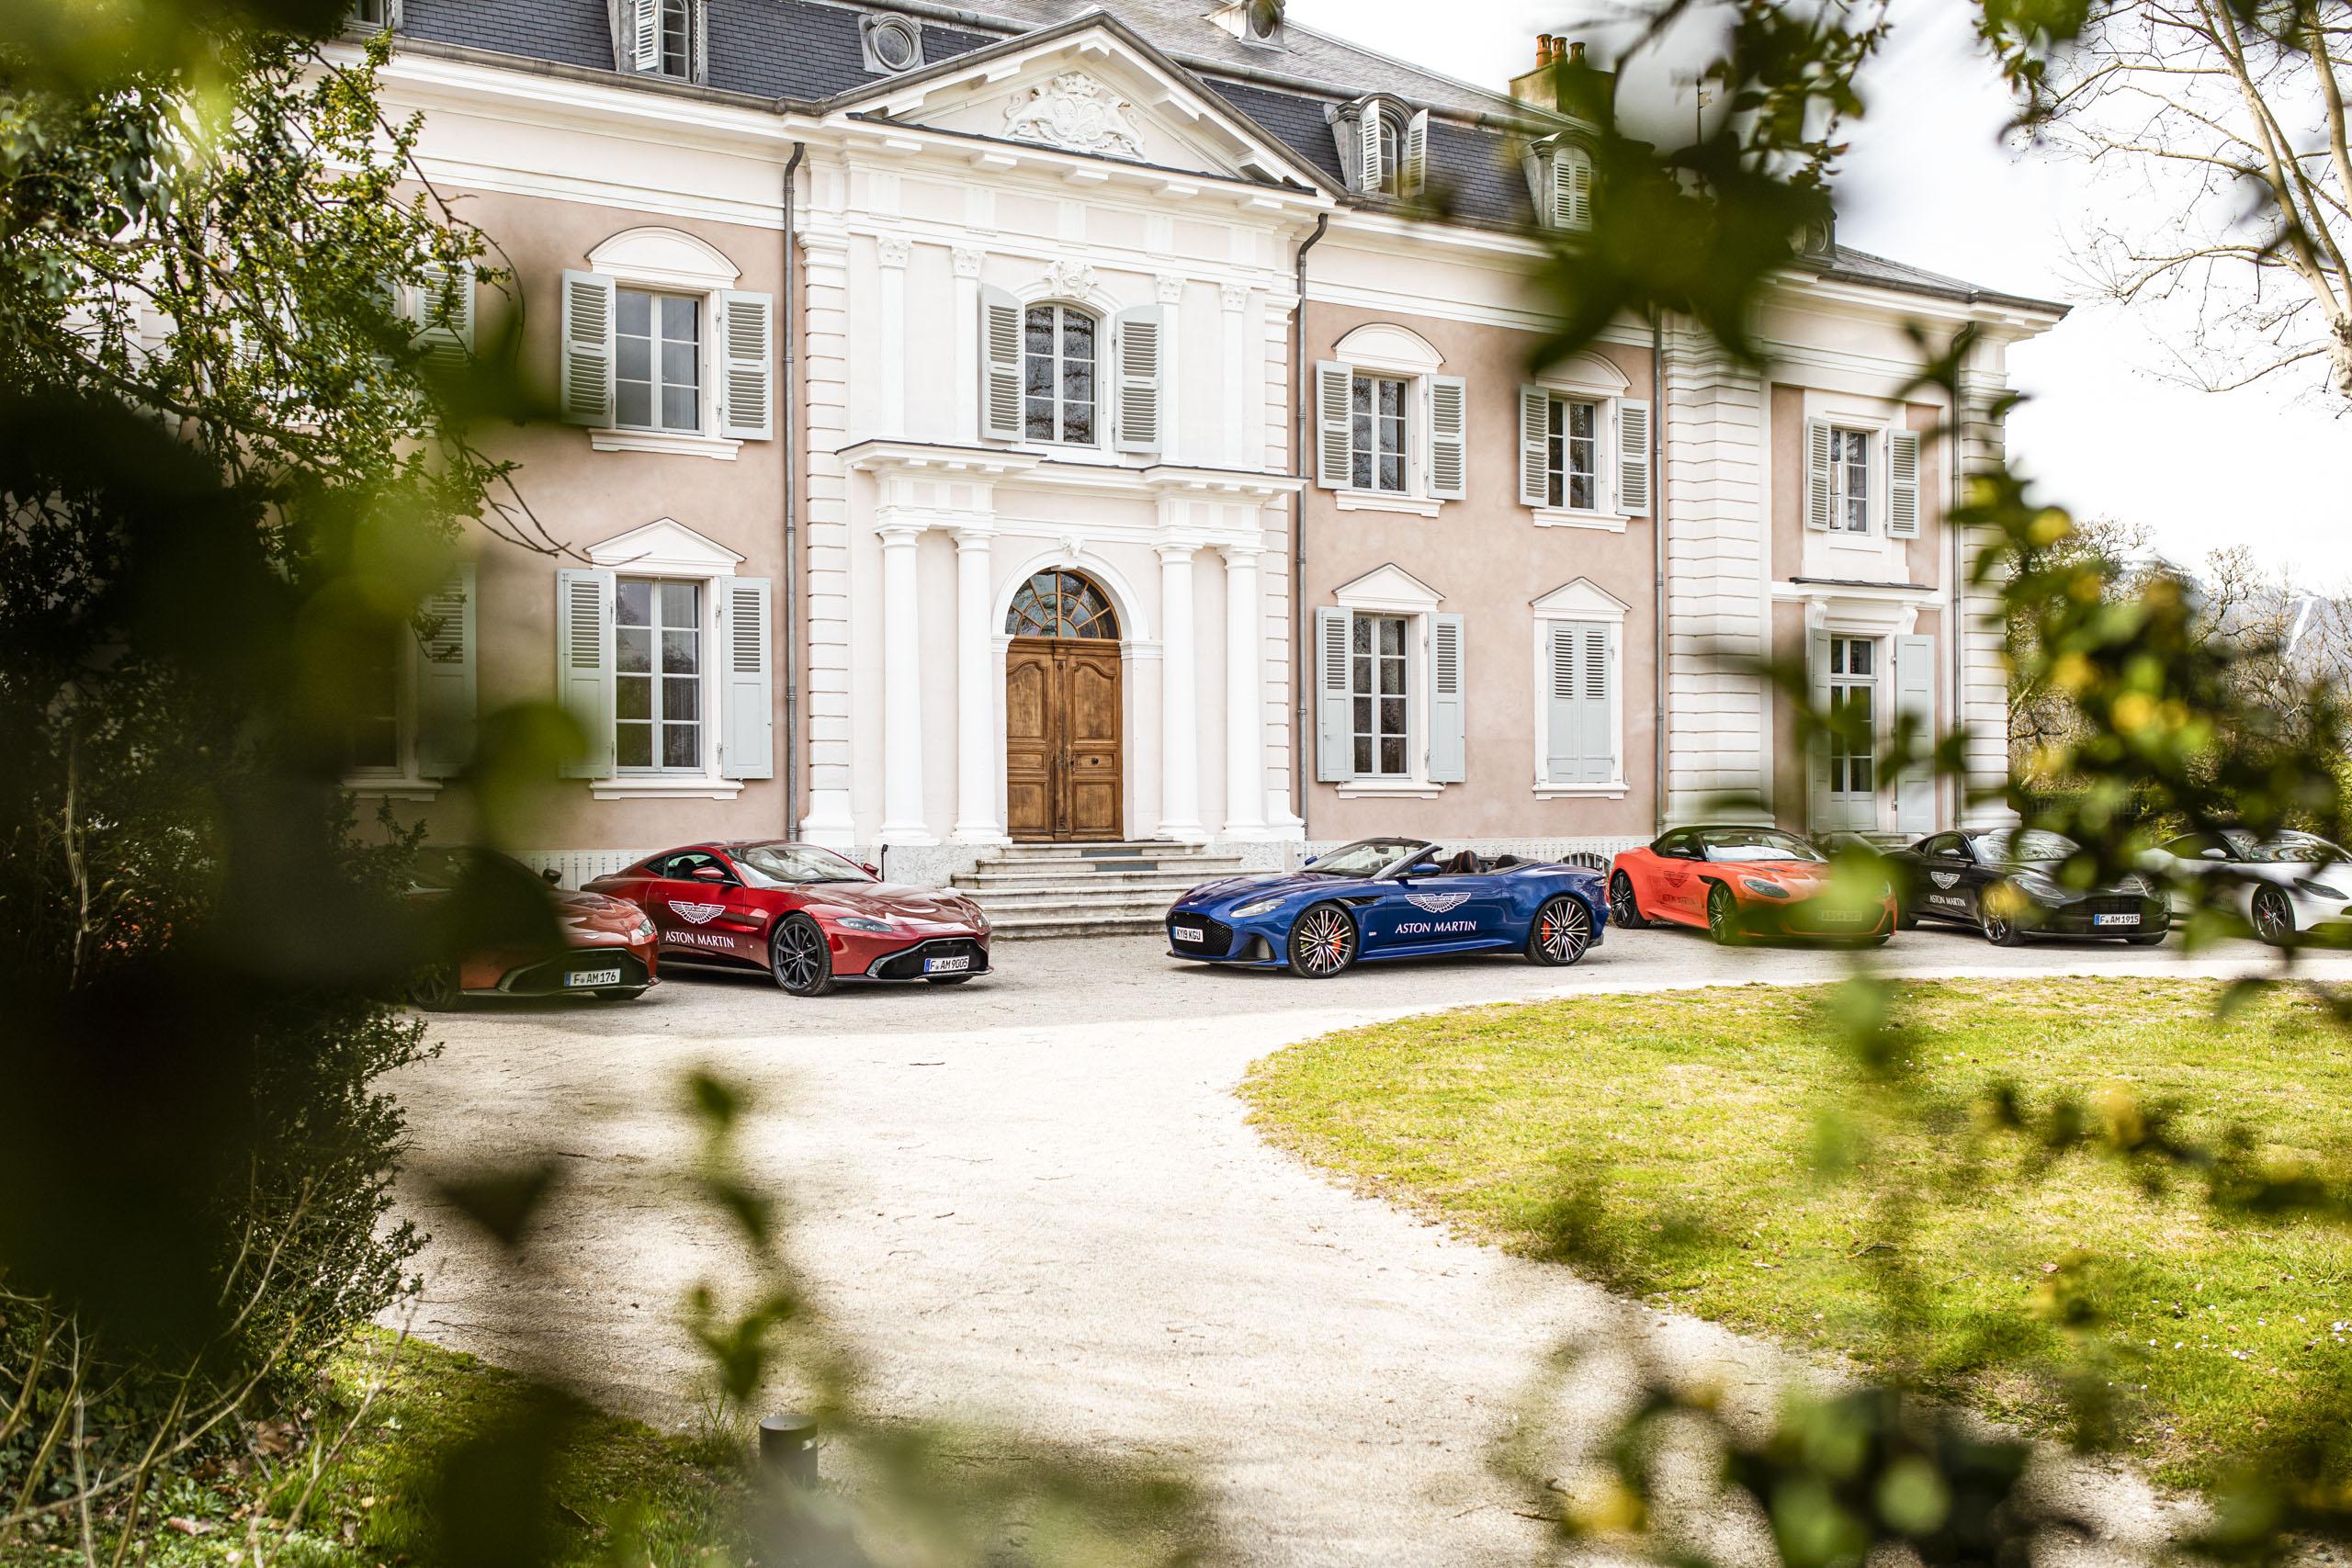 Aston Martin Geneva vor einer Villa